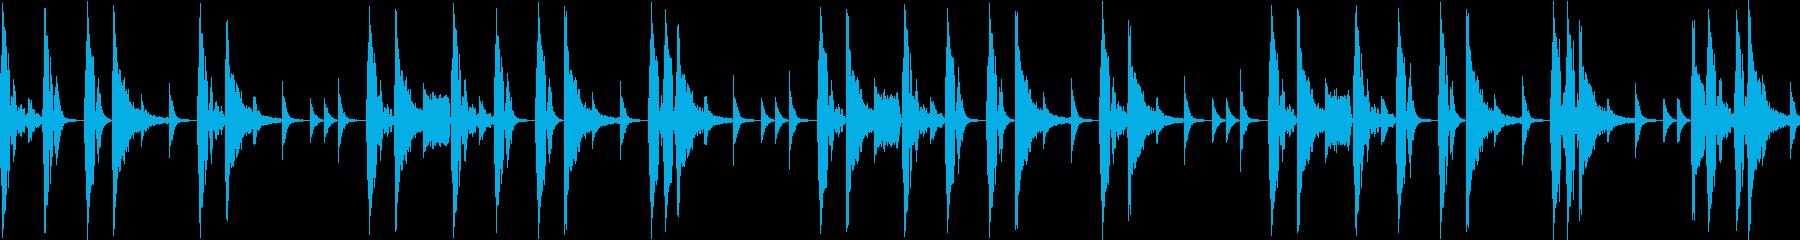 ノリの良いブレークビーツ_005の再生済みの波形